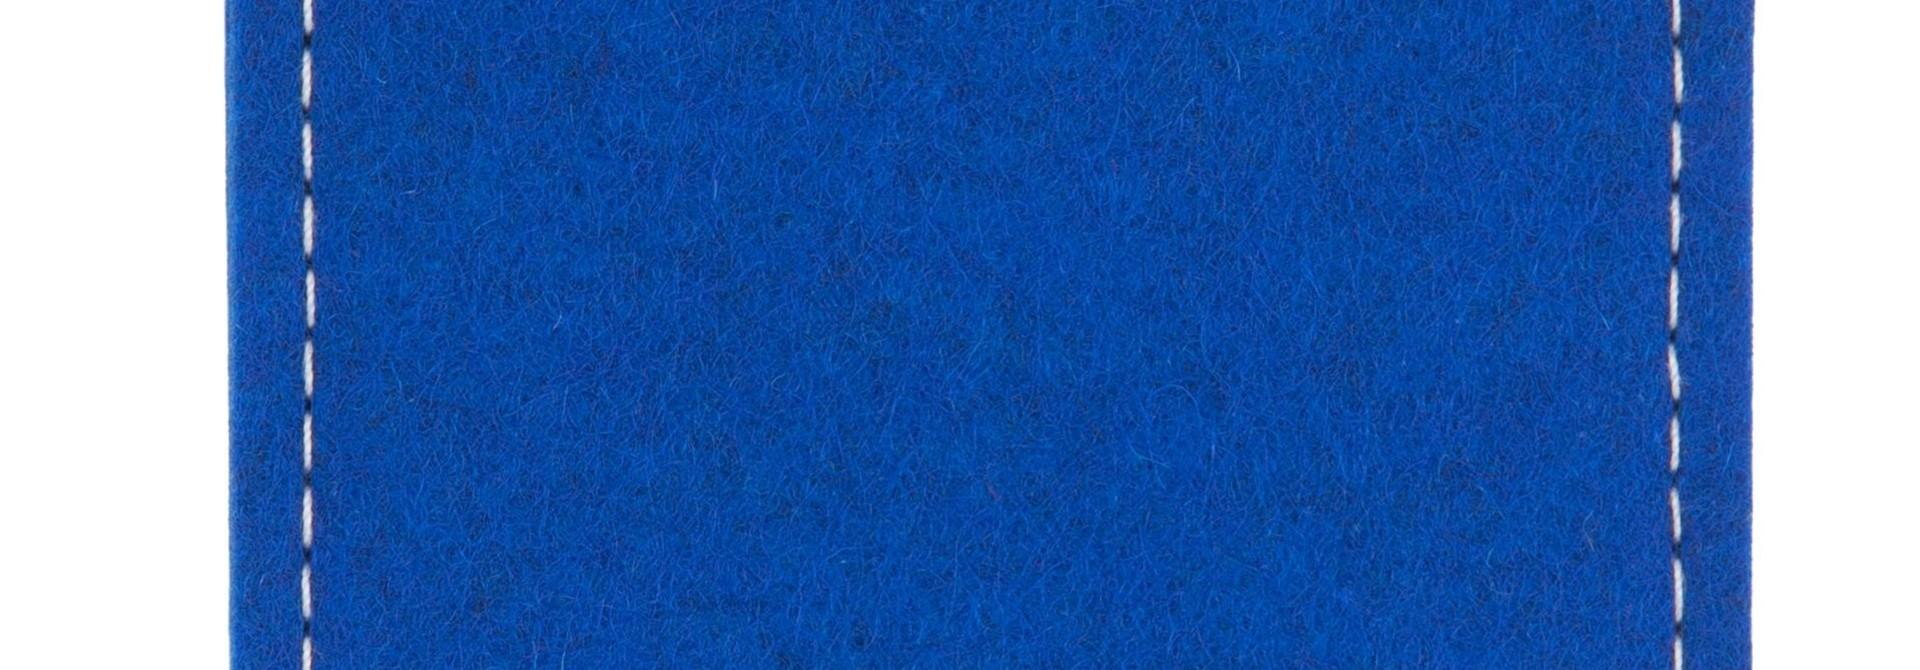 Galaxy Sleeve Azure